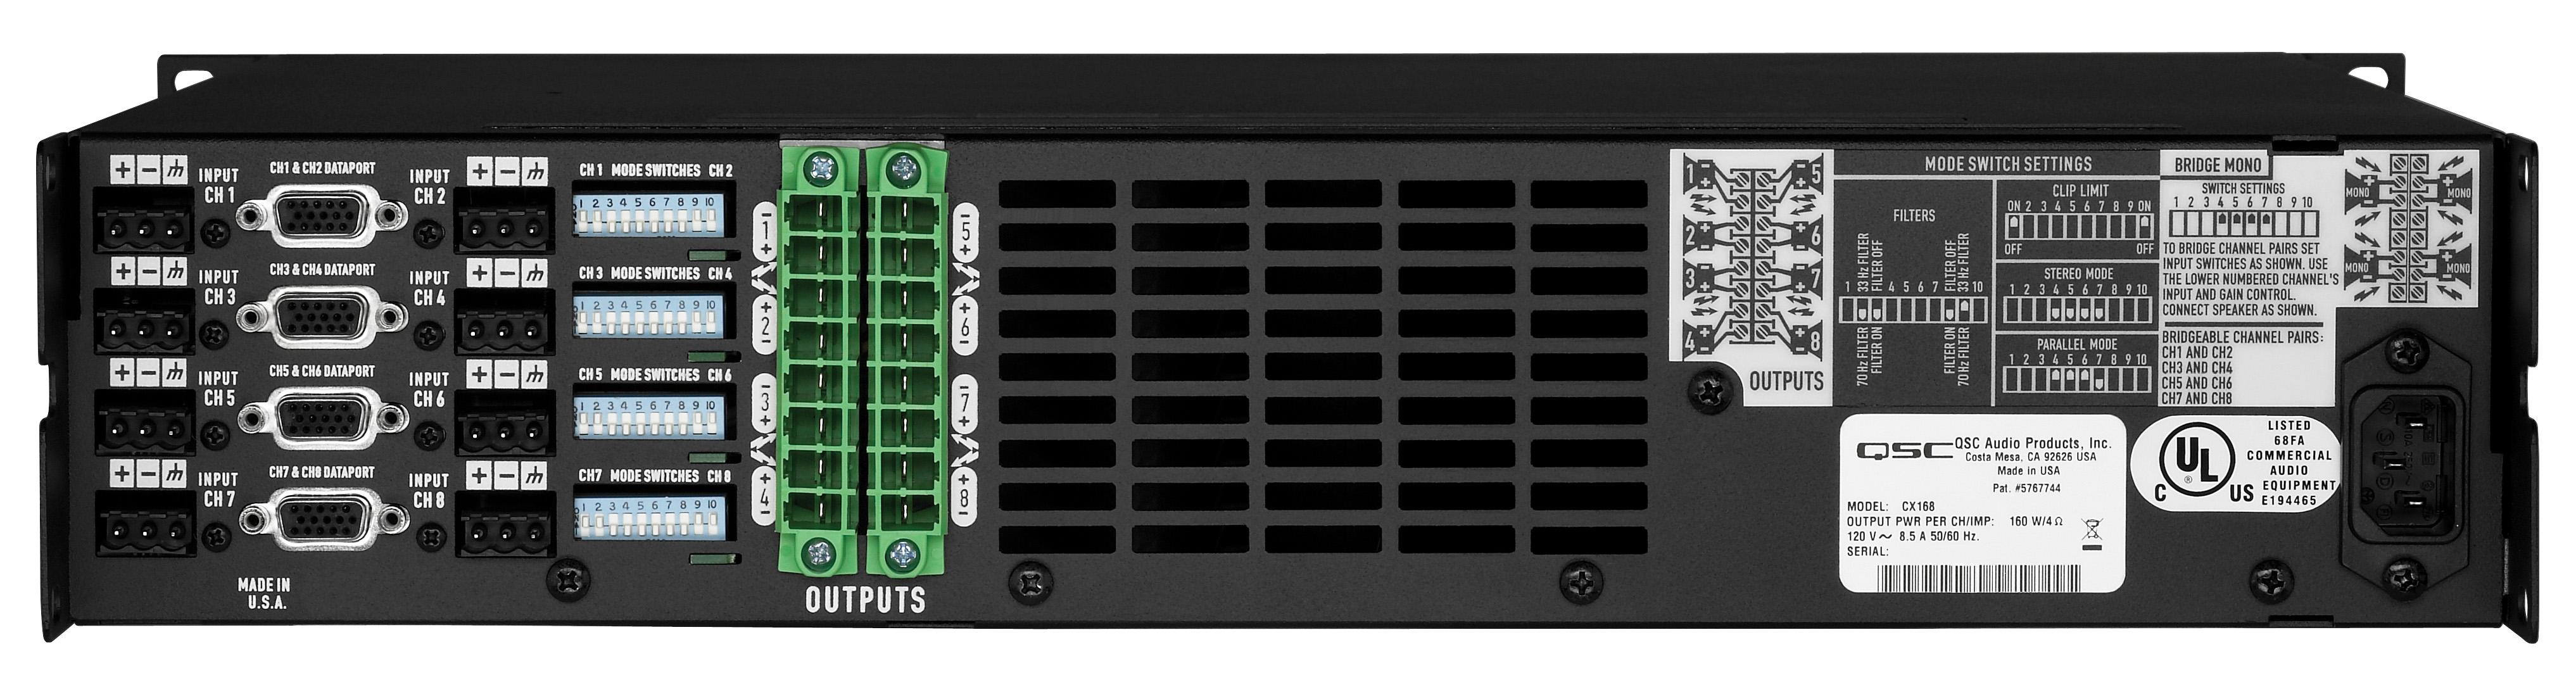 QSC 的CX108V和CX168是为机柜空间有限的固定安装系统而设计的多通道功率放大器,其通道密度是前所未有的。CX108V和CX168在8欧姆时70伏时,每通道功率分别为100瓦和90瓦。这两种型号的每对通道都可以桥接,可以用作4通道,5通道,6通道或8通道的单元。与整个CX系列一样,这个8通道的型号带有可用于功放远程管理或信号处理的数据口,加入了QSC著名的PowerLight技术,其质量和可靠性无与伦比。 QSC的PowerLight技术将使您的系统声音达到一个全新的高度,不仅带来更强劲的低音和干